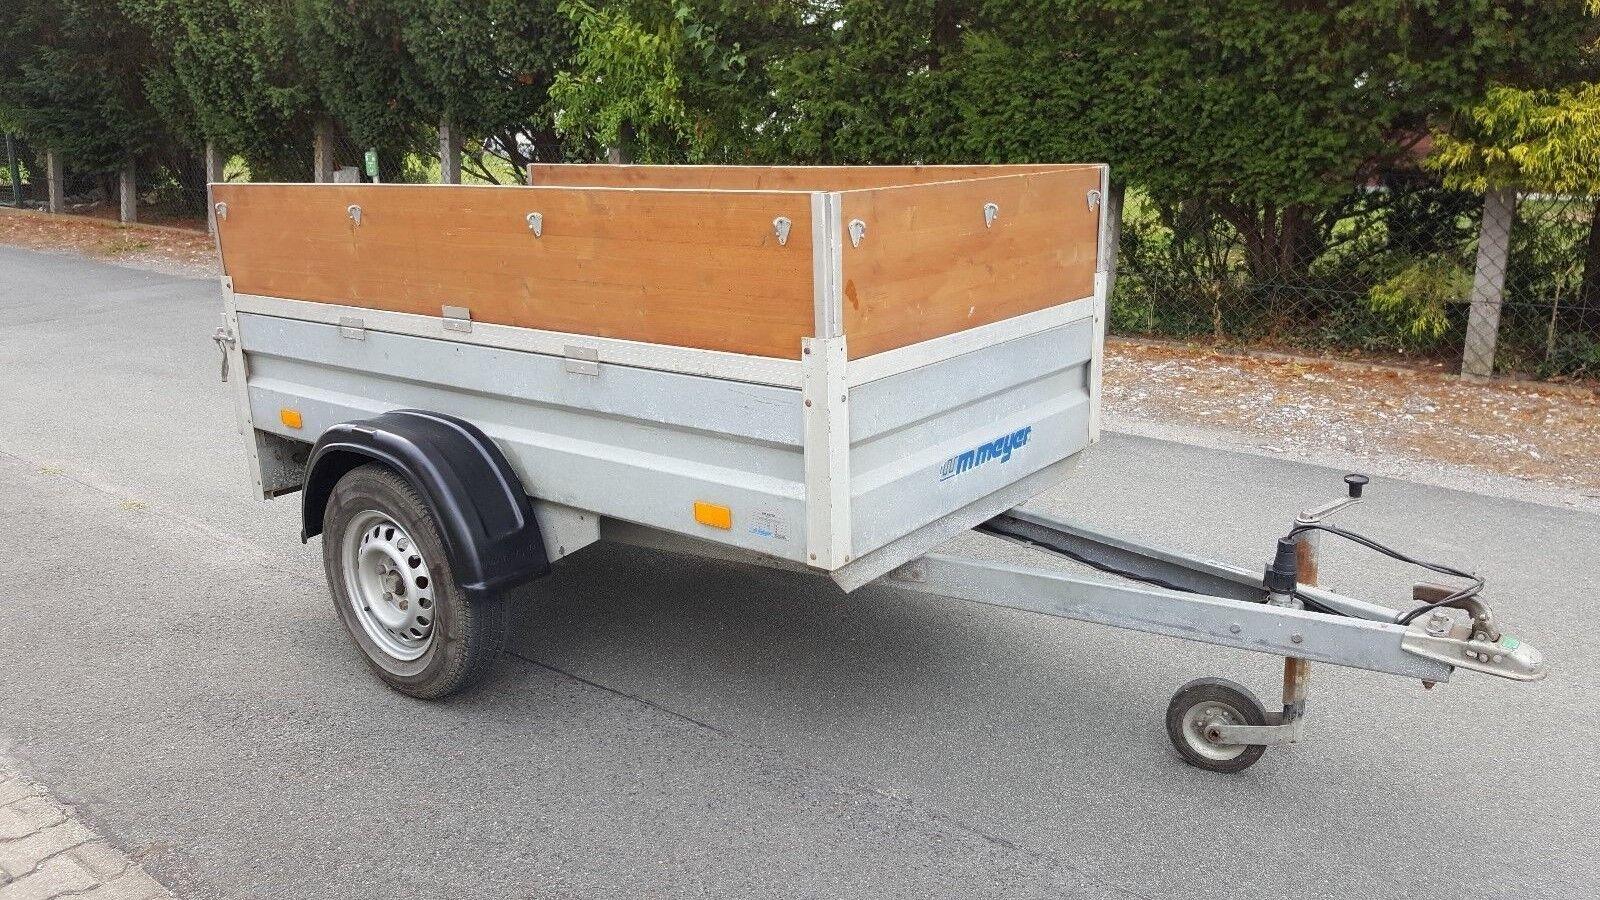 Pkw Anhänger, WM Meyer. 750 kg, Tüv 2019,